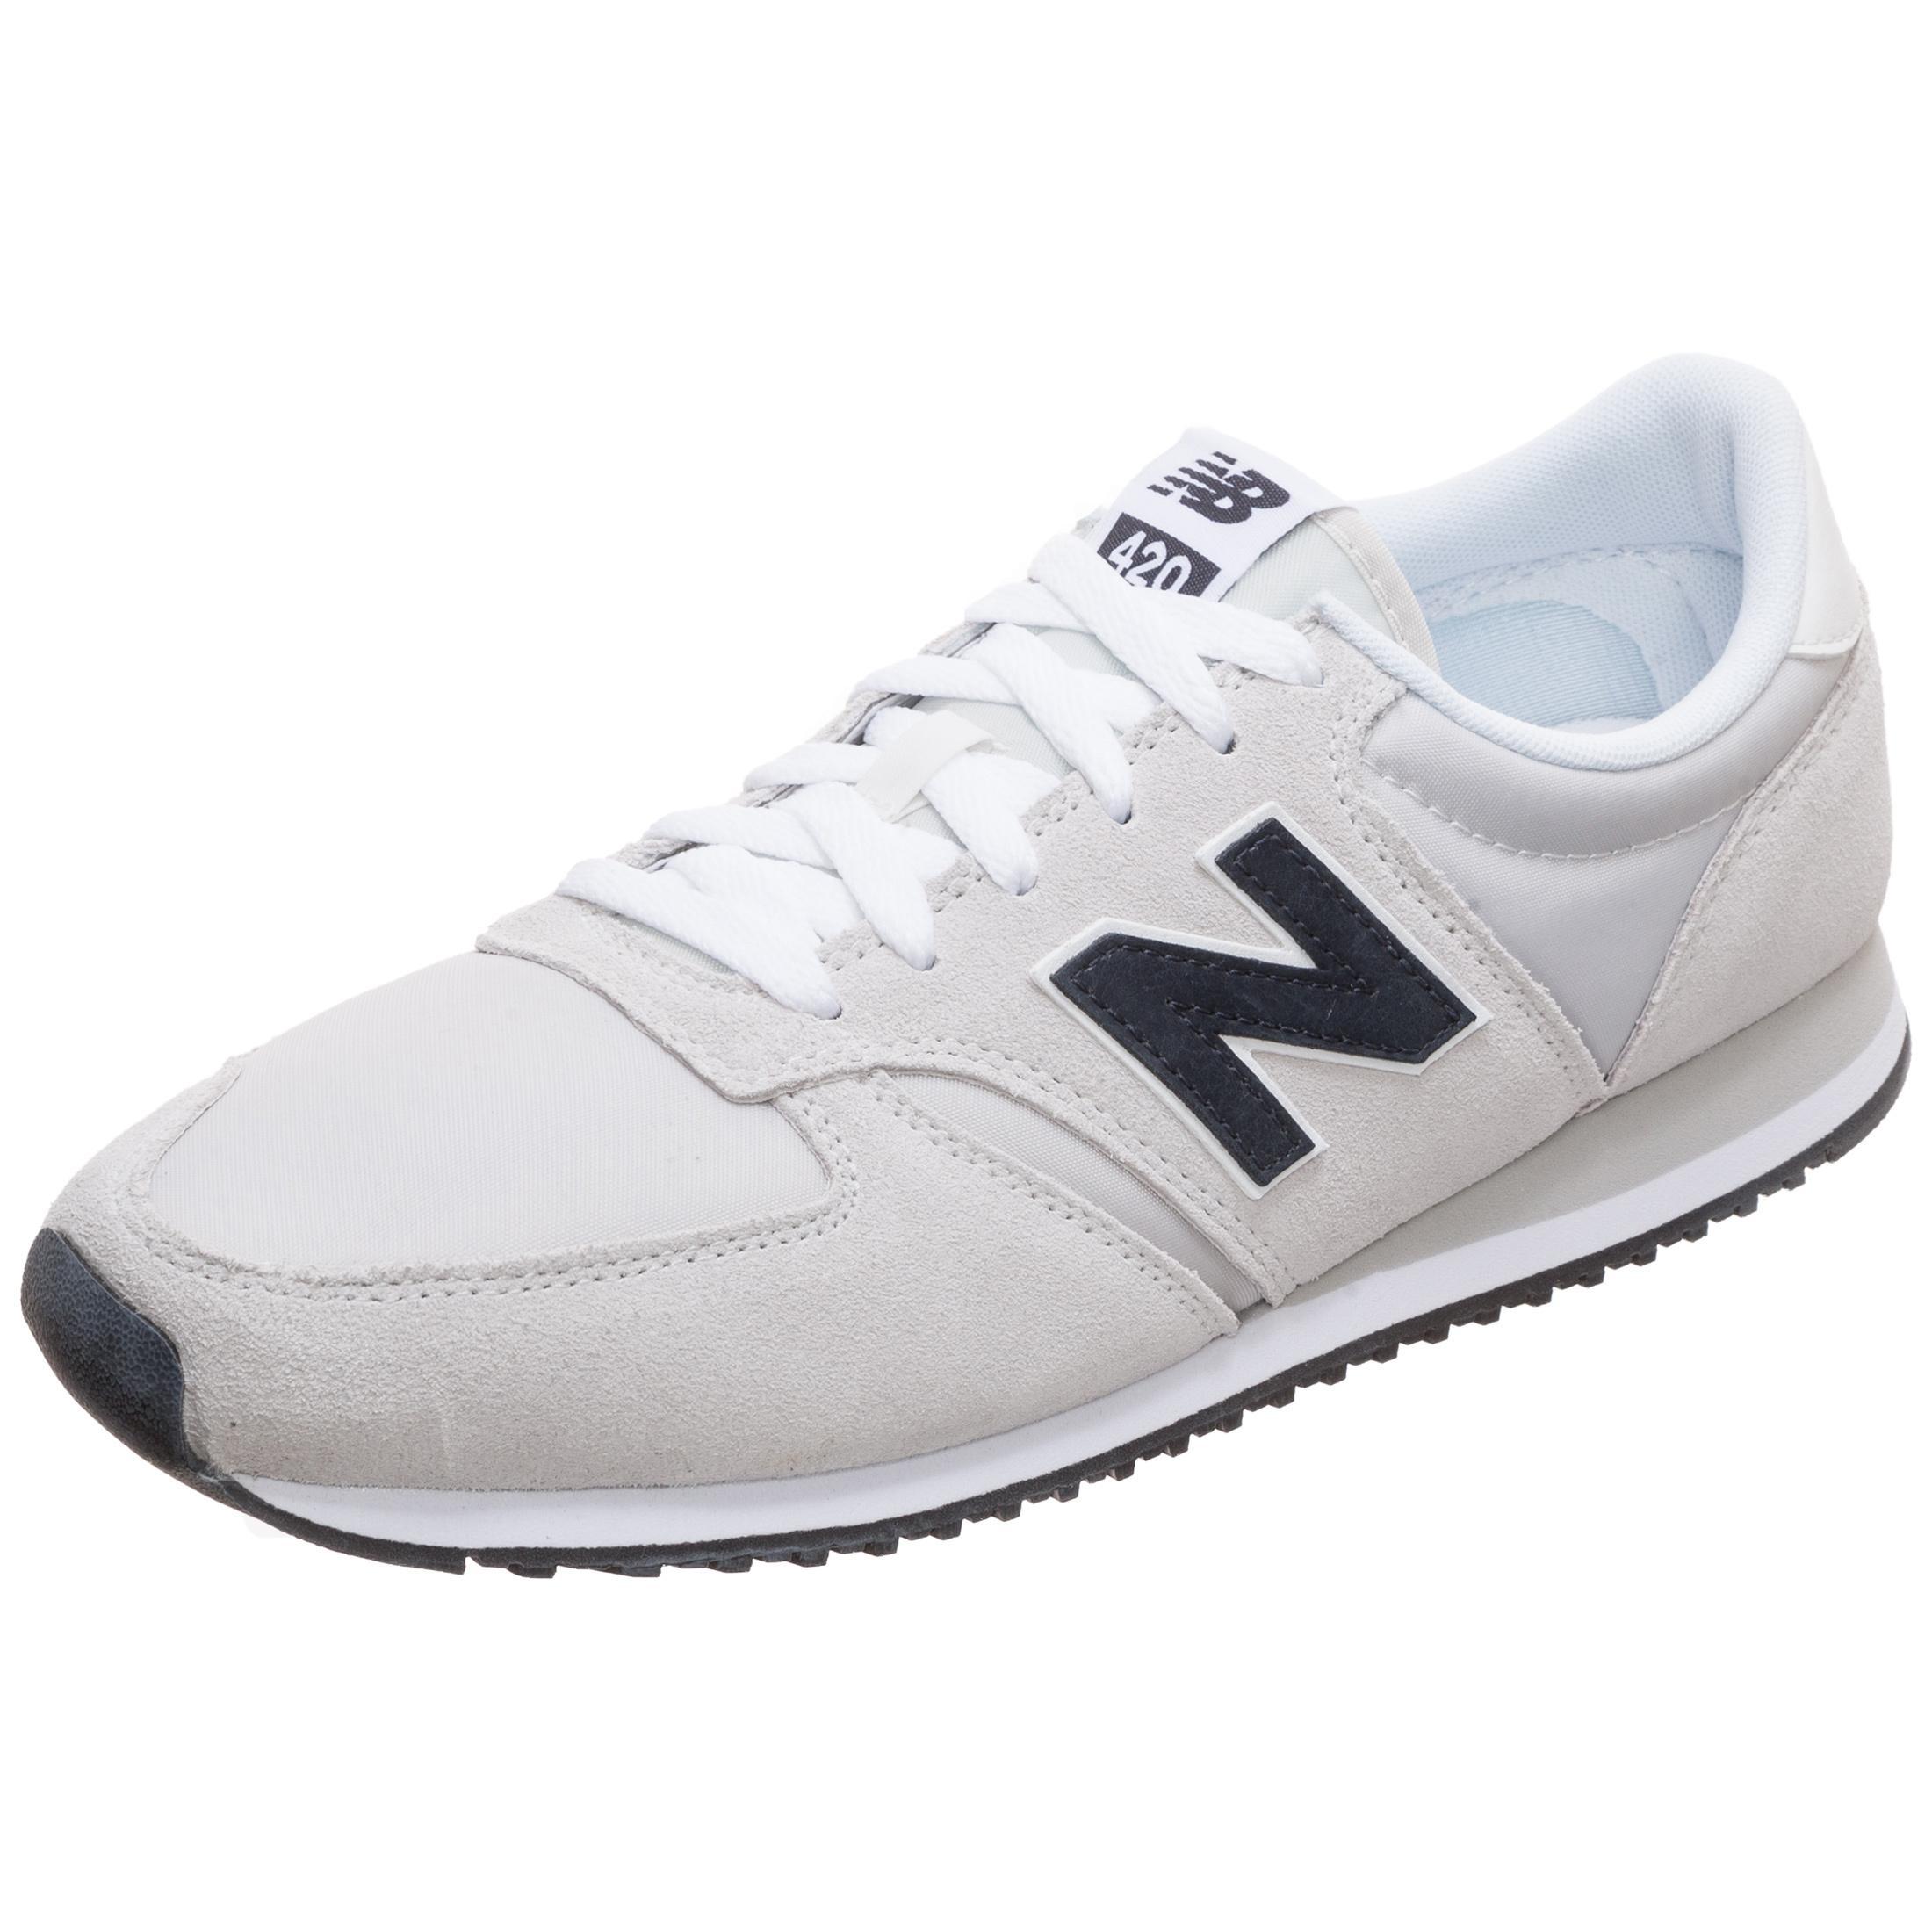 NEW BALANCE U420-D Turnschuhe Turnschuhe Herren grau im Online Shop von SportScheck kaufen Gute Qualität beliebte Schuhe